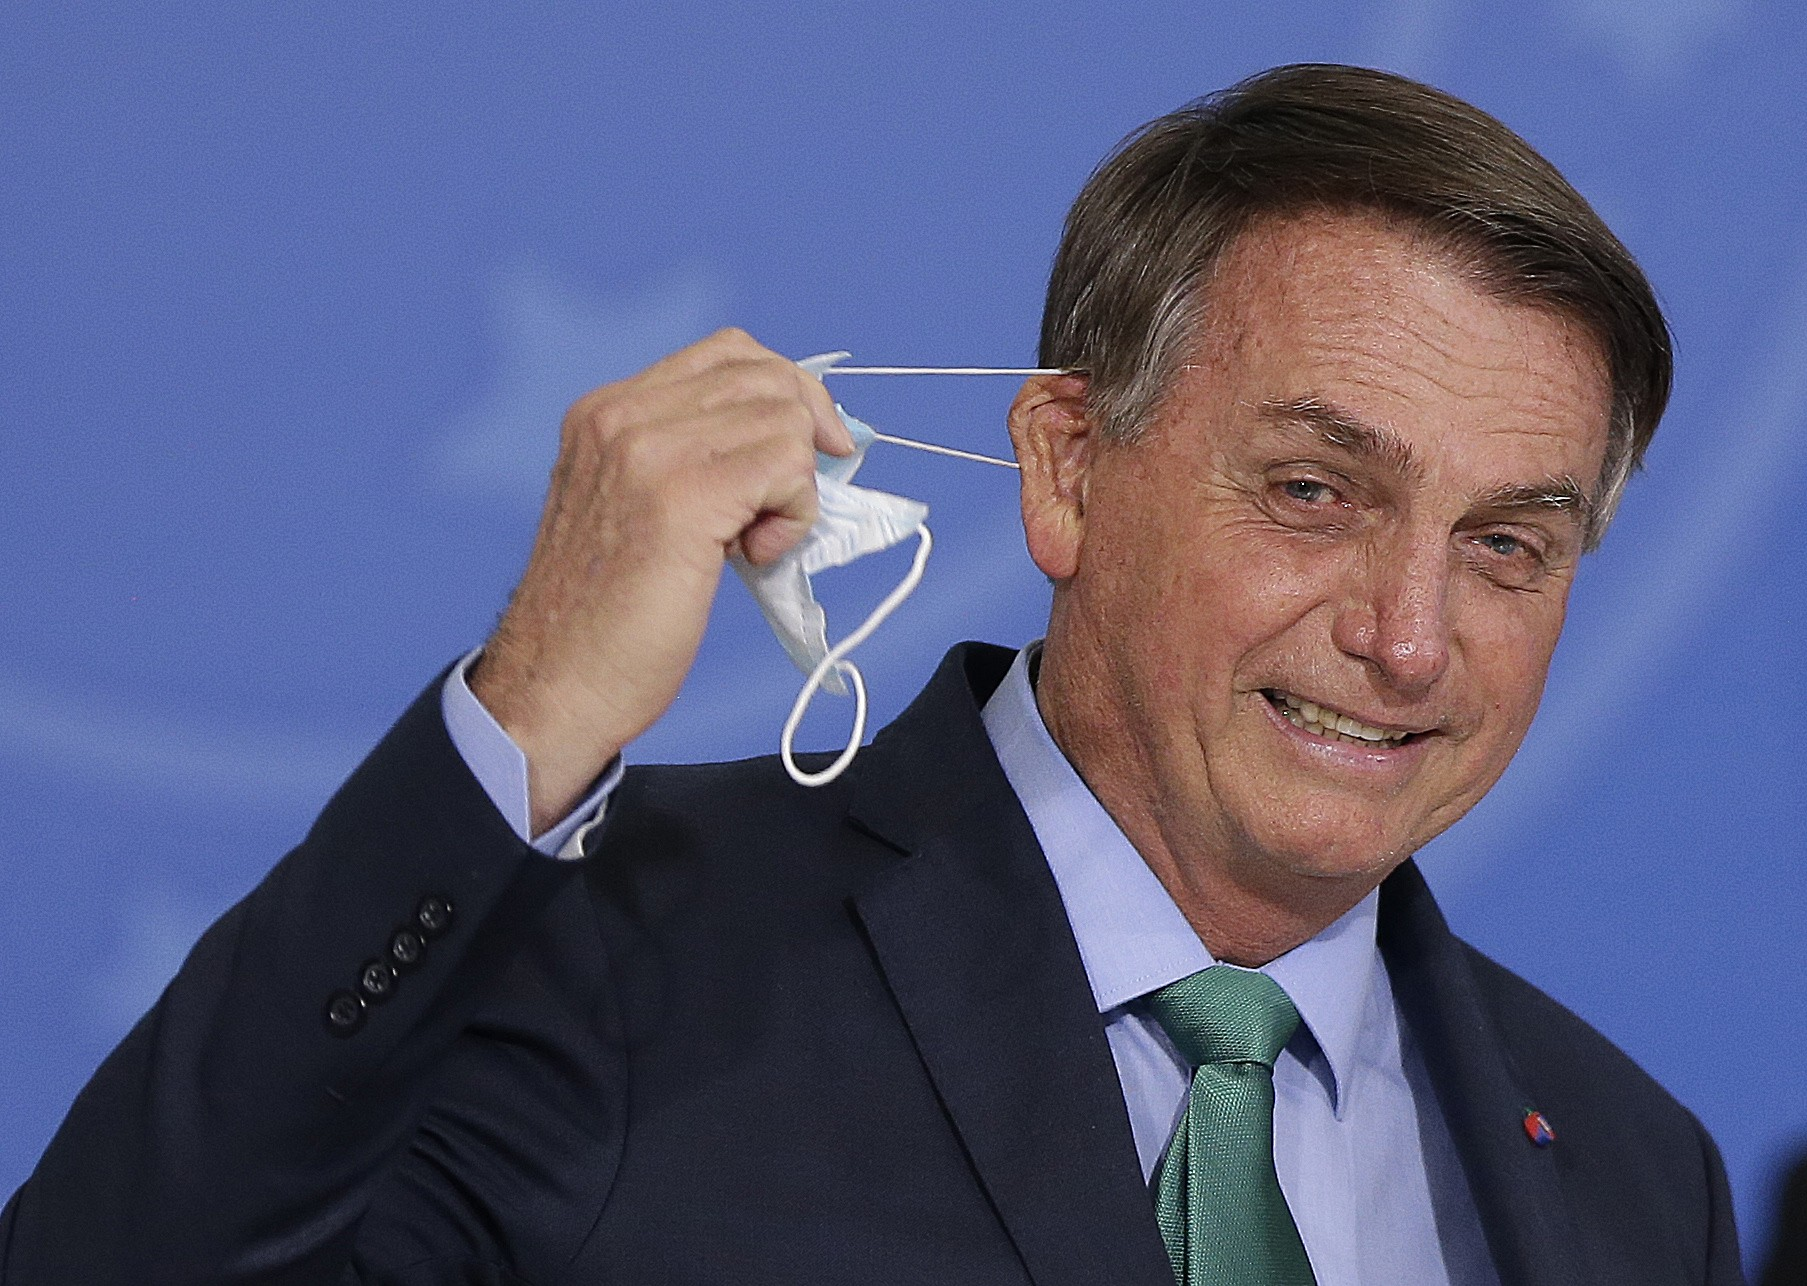 O presidente em evento no Planalto: comentário indelicado durante encontro